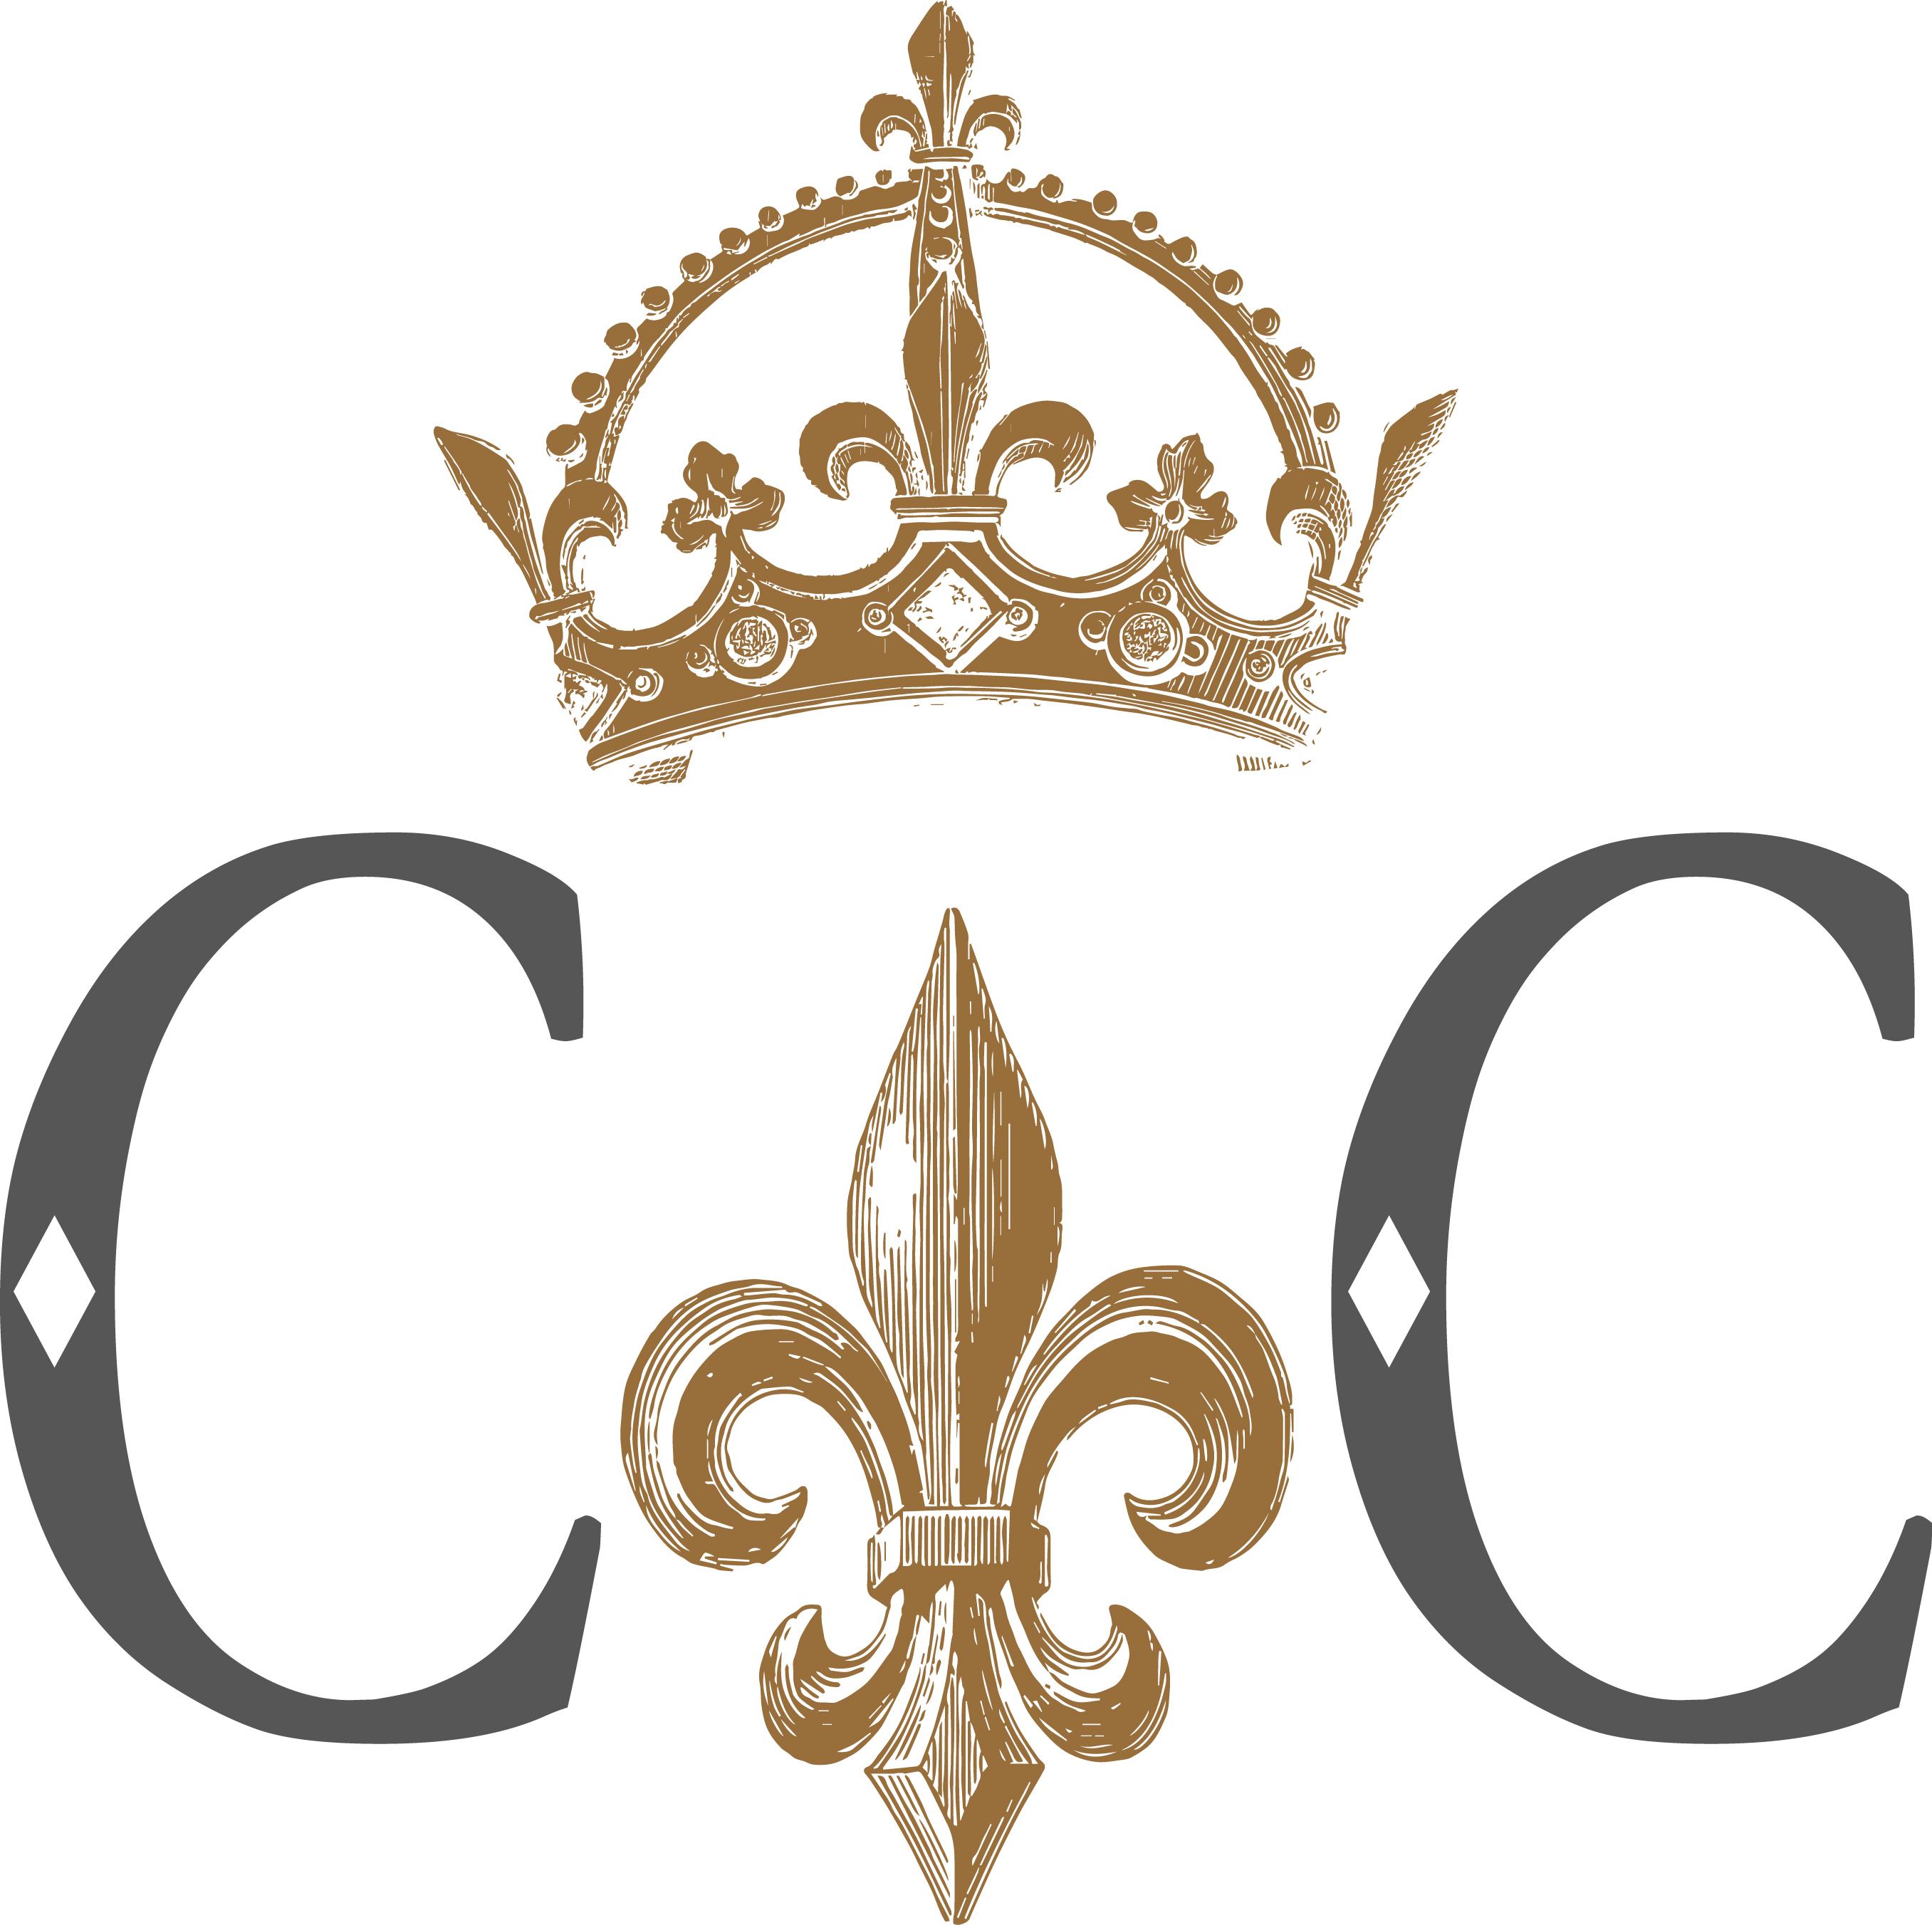 Le sceau de Chambord